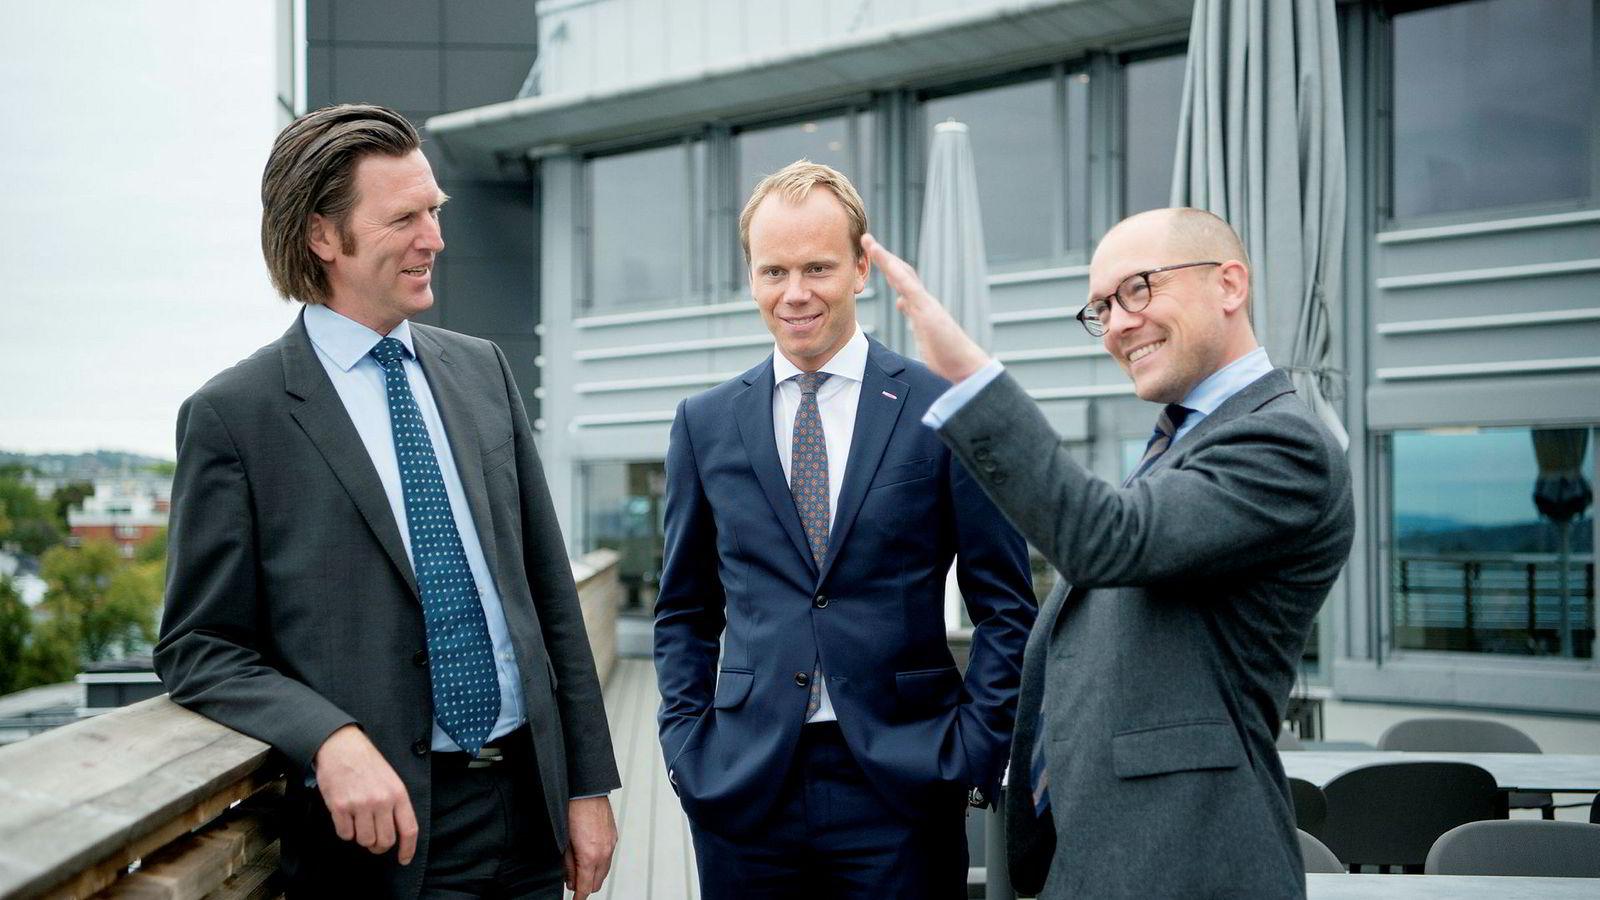 Fra venstre: Analytikerne Terje Fatnes, Halvor Strand Nygård og Harald Øyen i SEB.